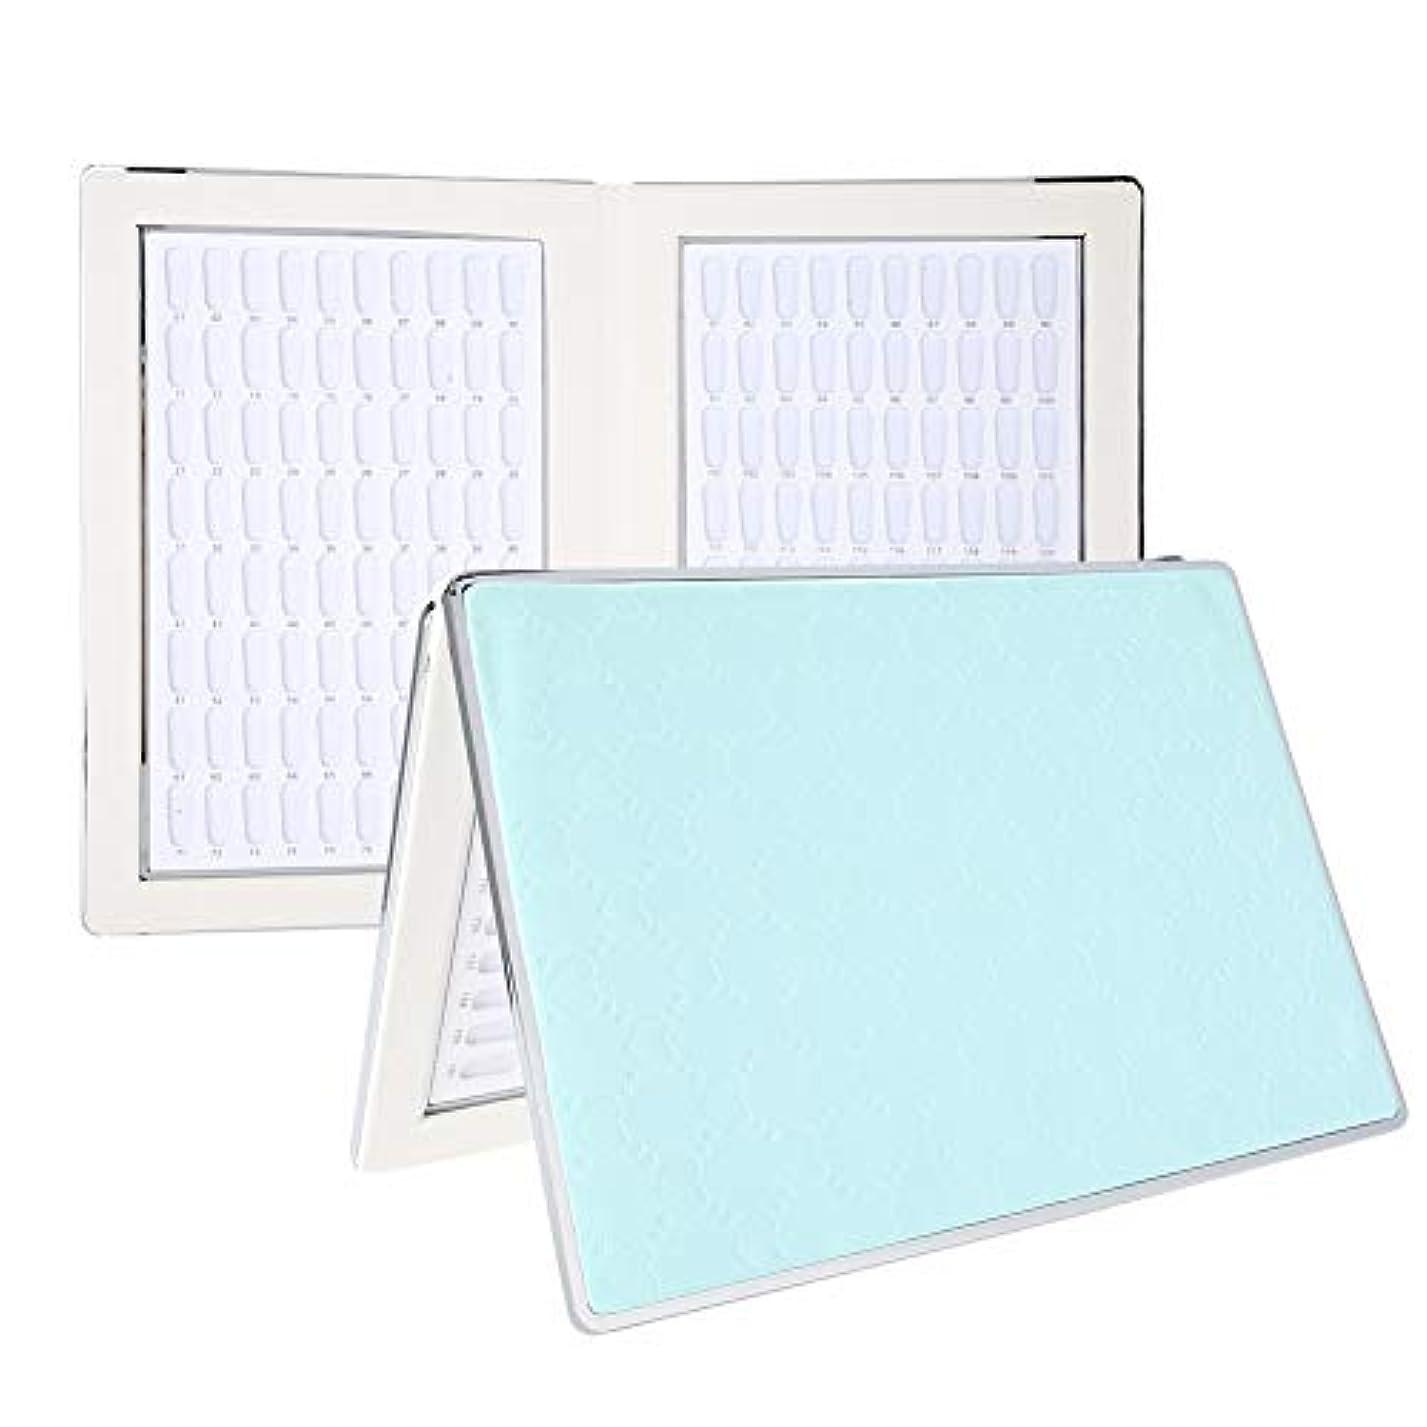 取り壊すドア摂氏ネイルアートディスプレイ 160 ディスプレイスタンド アクセサリー プラスチック板 ネイルポリッシュカラー ディスプレイ サロン (2)